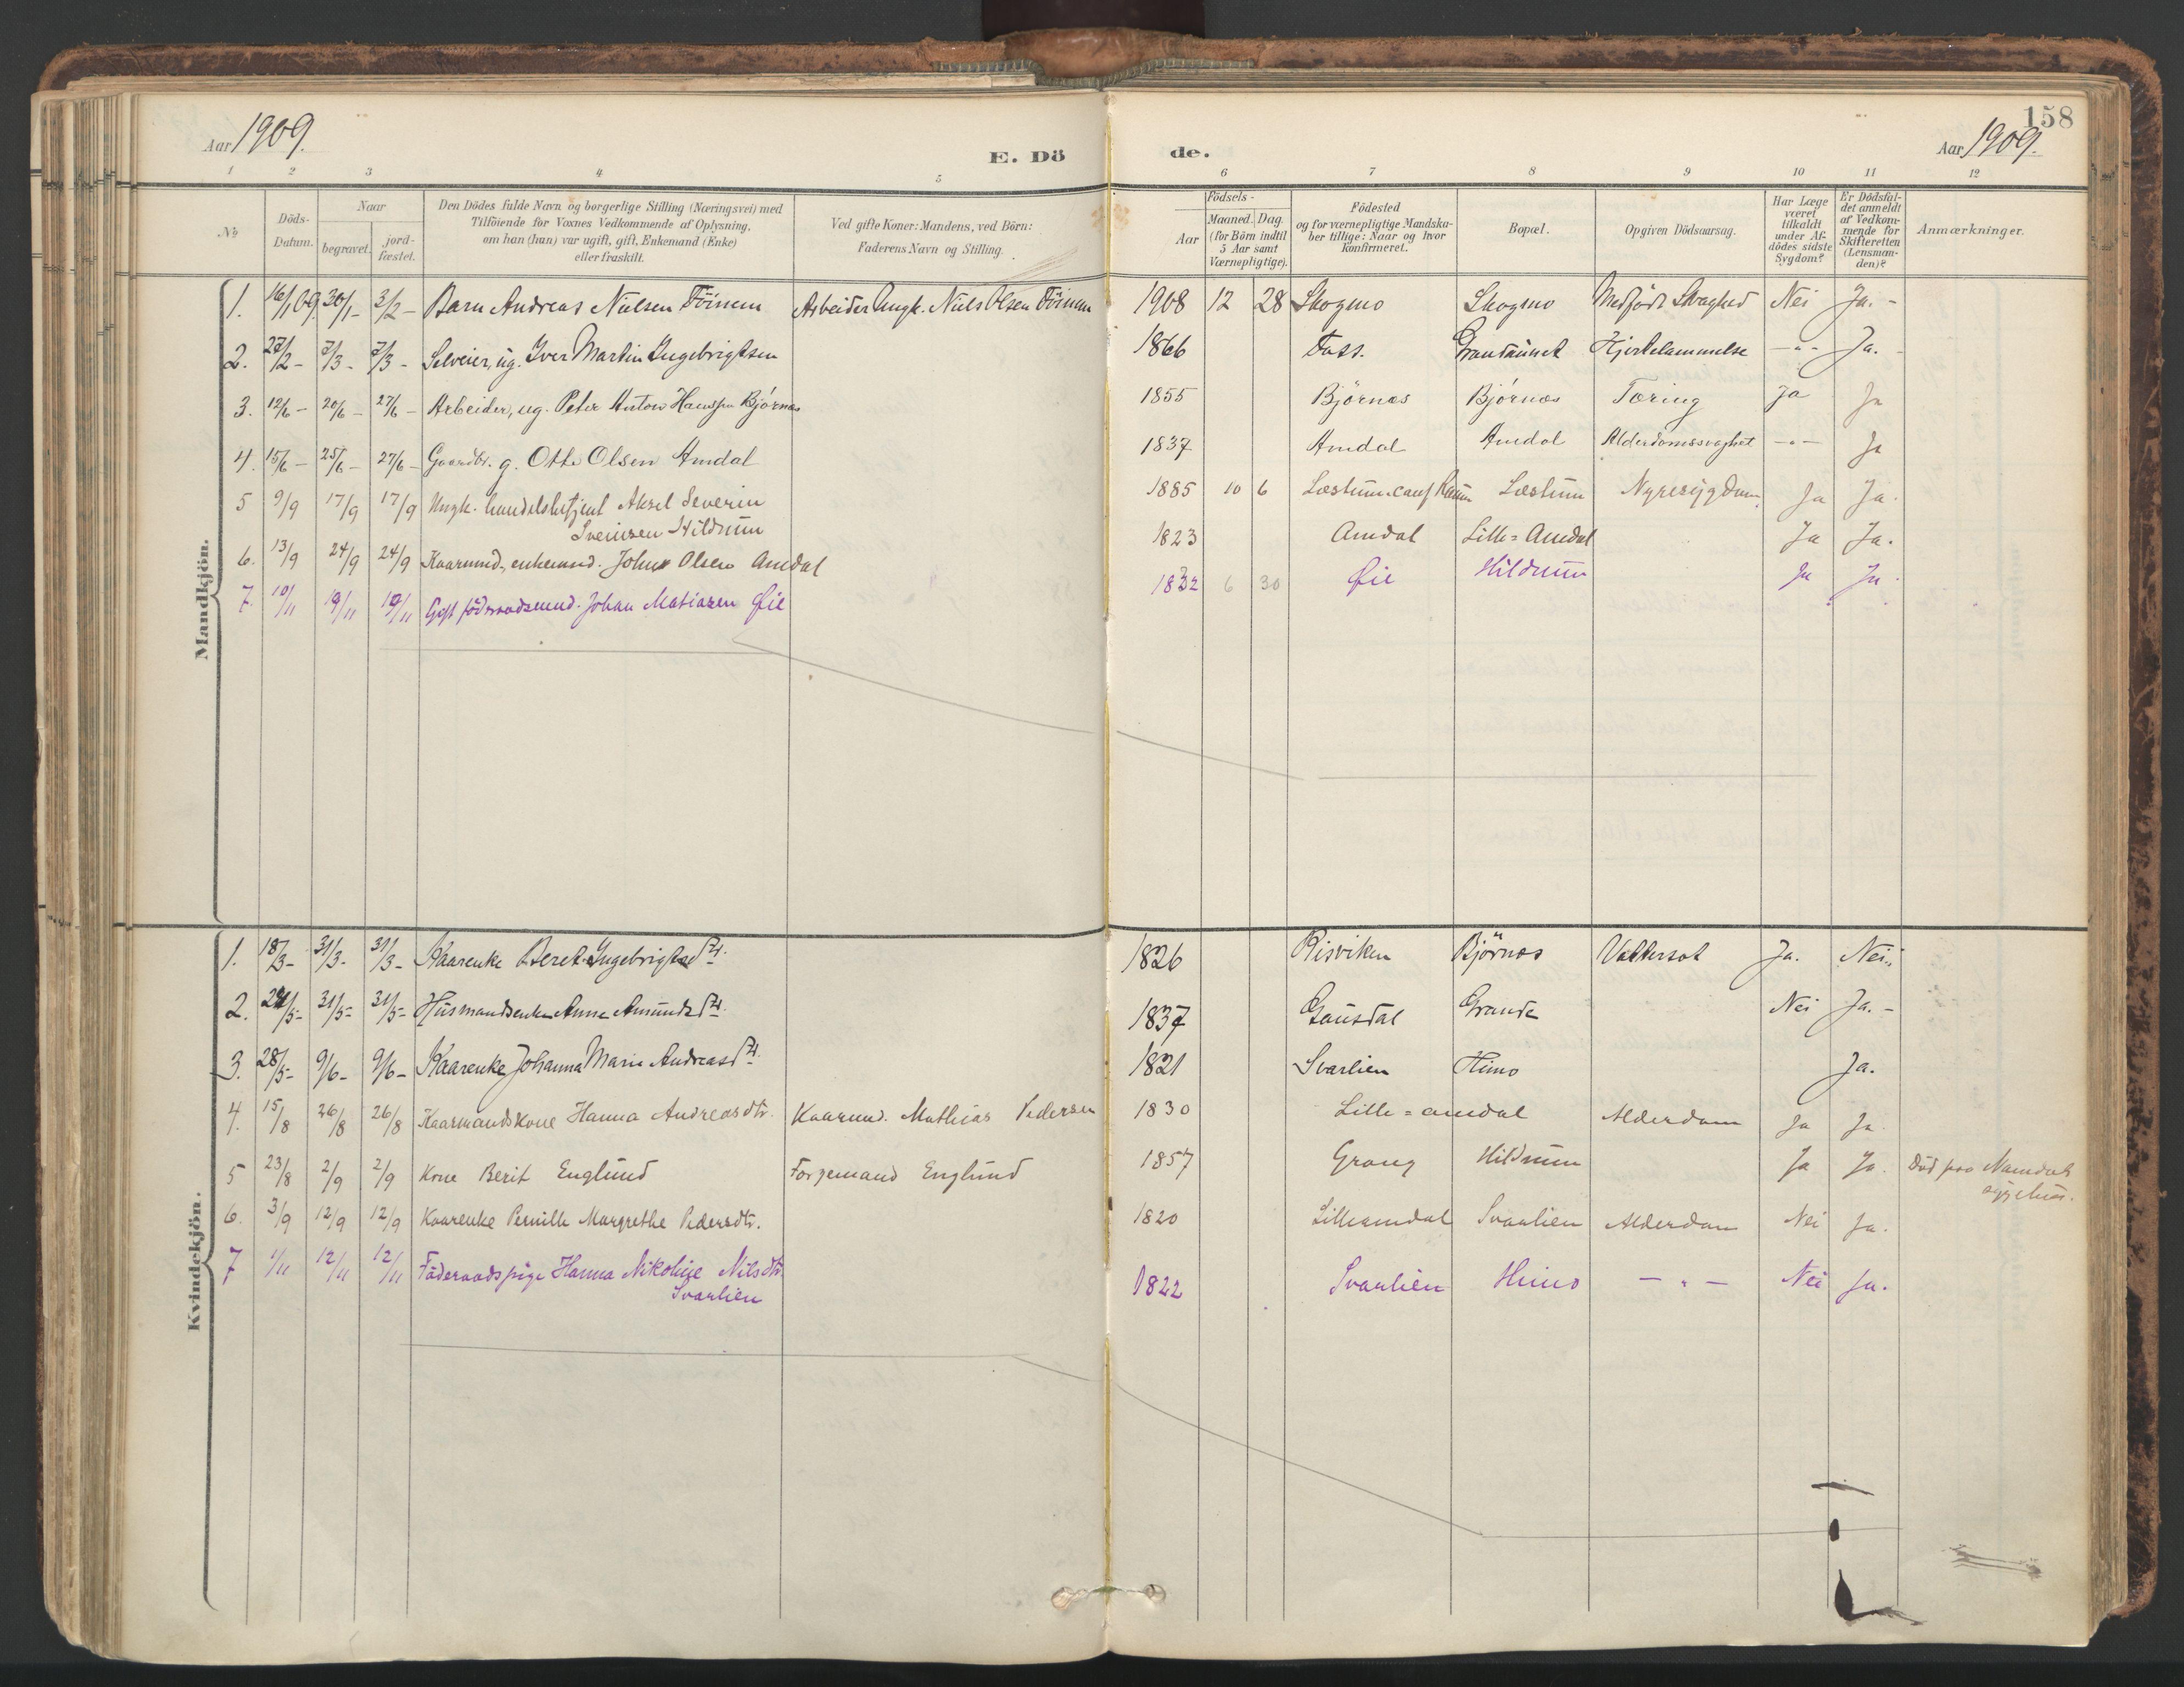 SAT, Ministerialprotokoller, klokkerbøker og fødselsregistre - Nord-Trøndelag, 764/L0556: Ministerialbok nr. 764A11, 1897-1924, s. 158